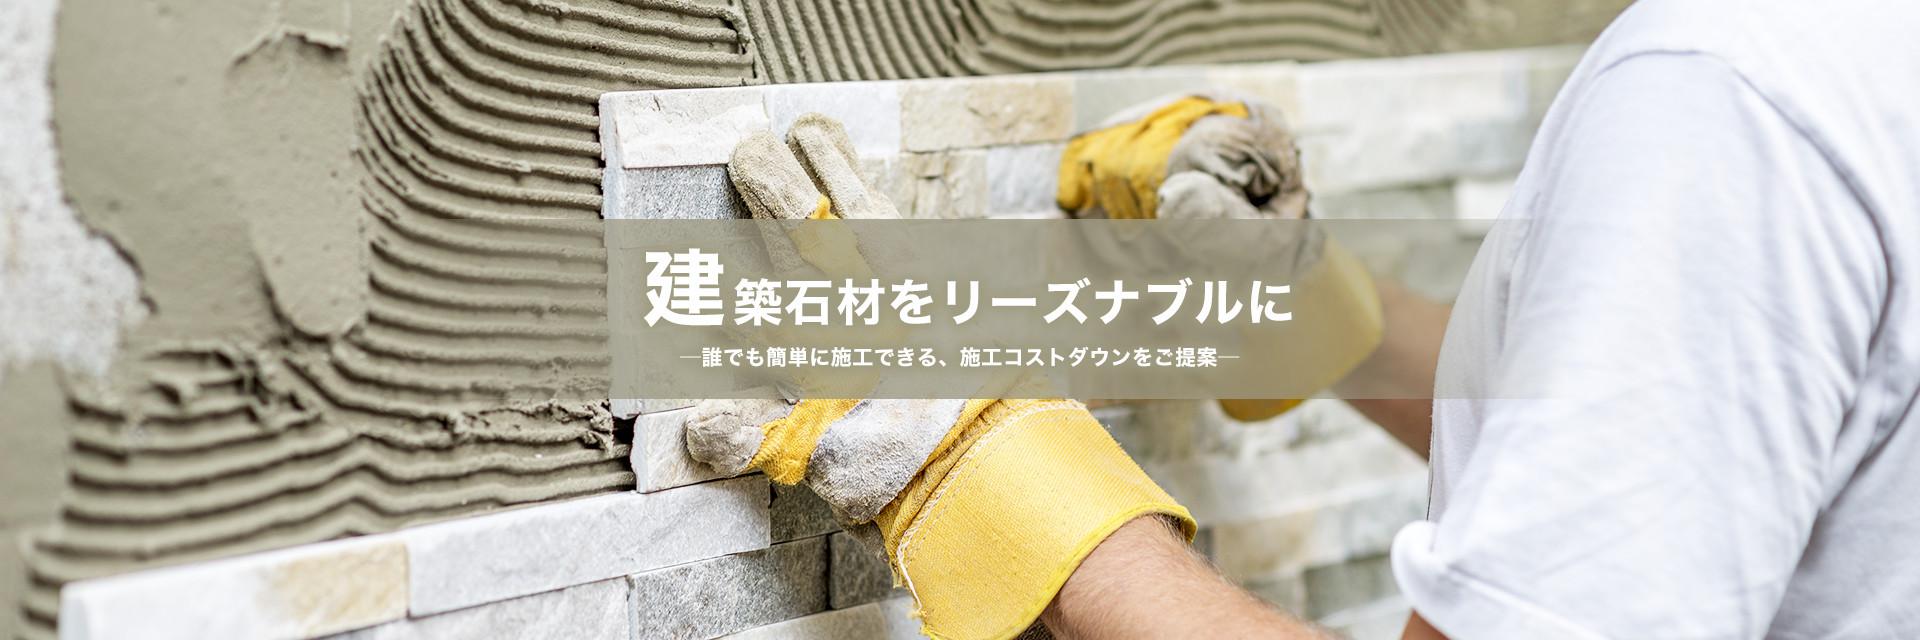 建築石材をリーズナブルに -誰でも簡単に施工できる、施工コストダウンをご提案-